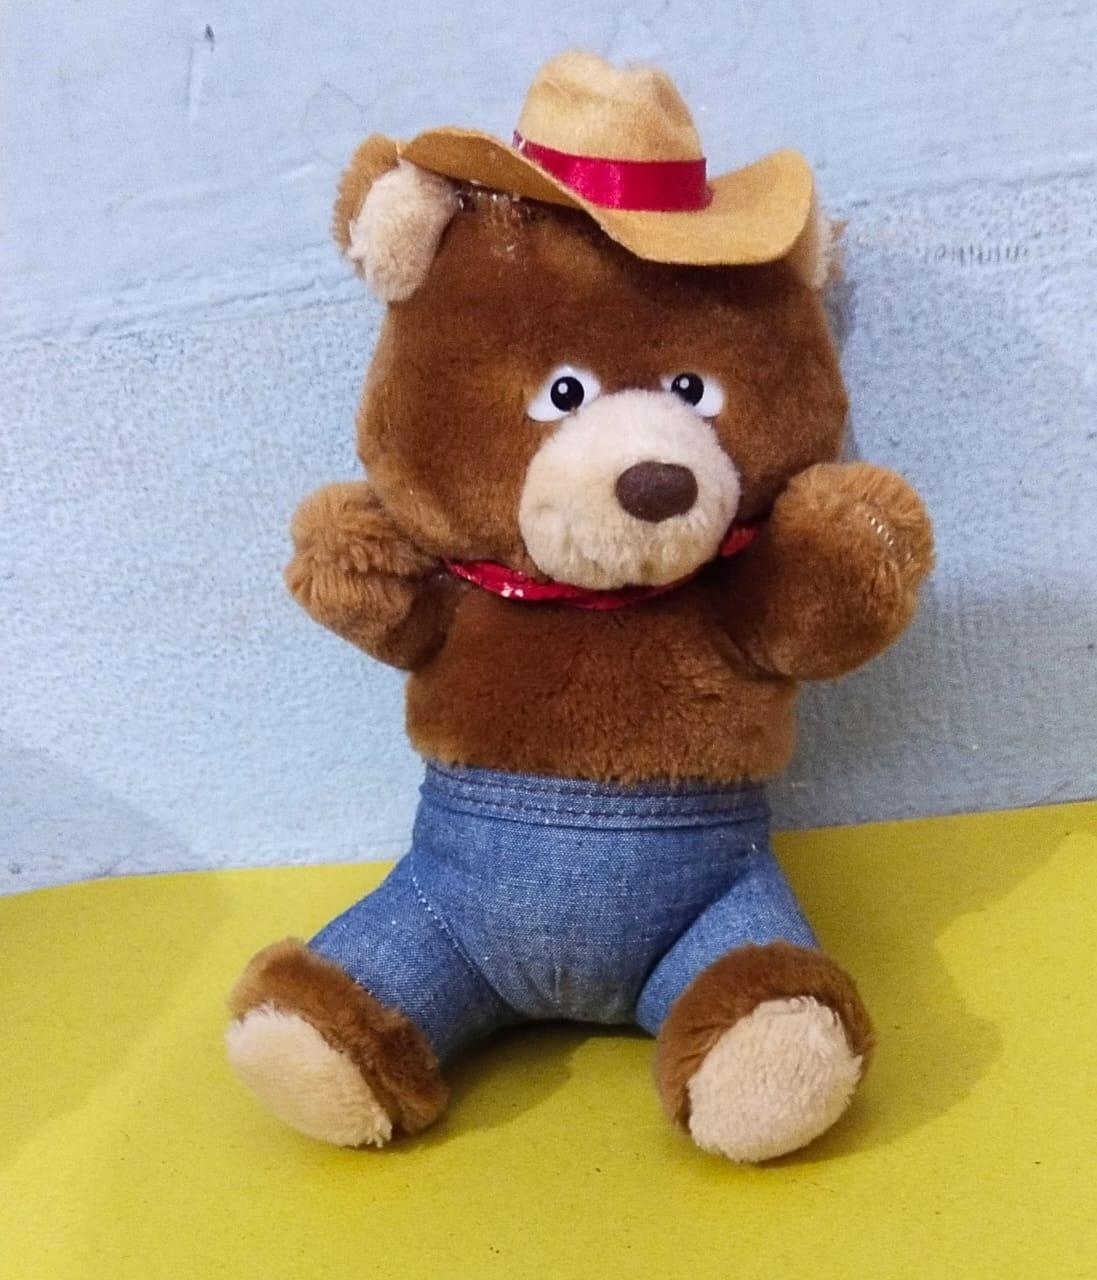 Cow Boy Bear Plush Stuffed Toy - Brown